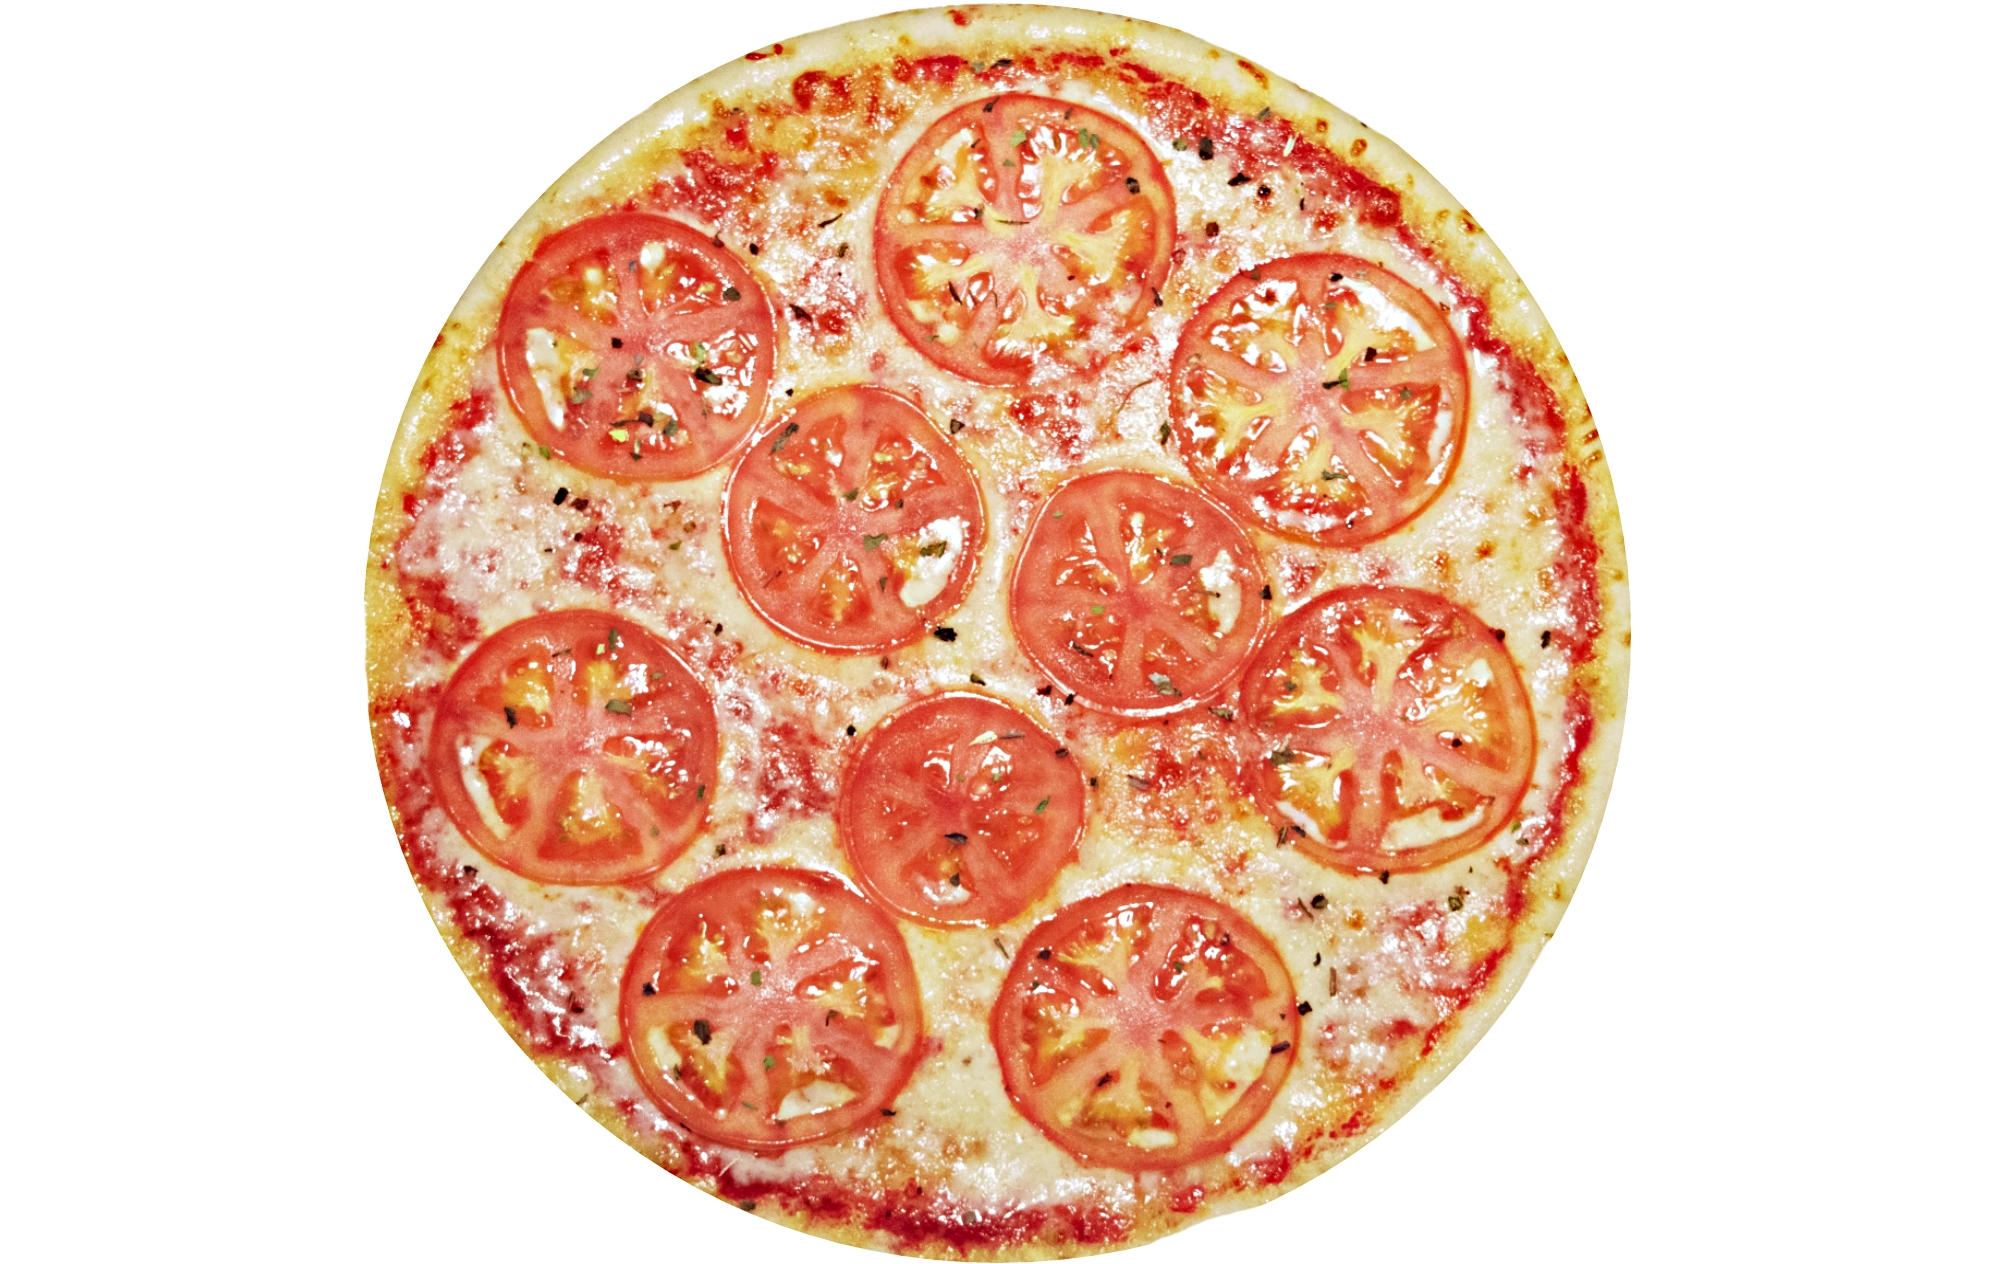 verona_pizza_urbanfood_by